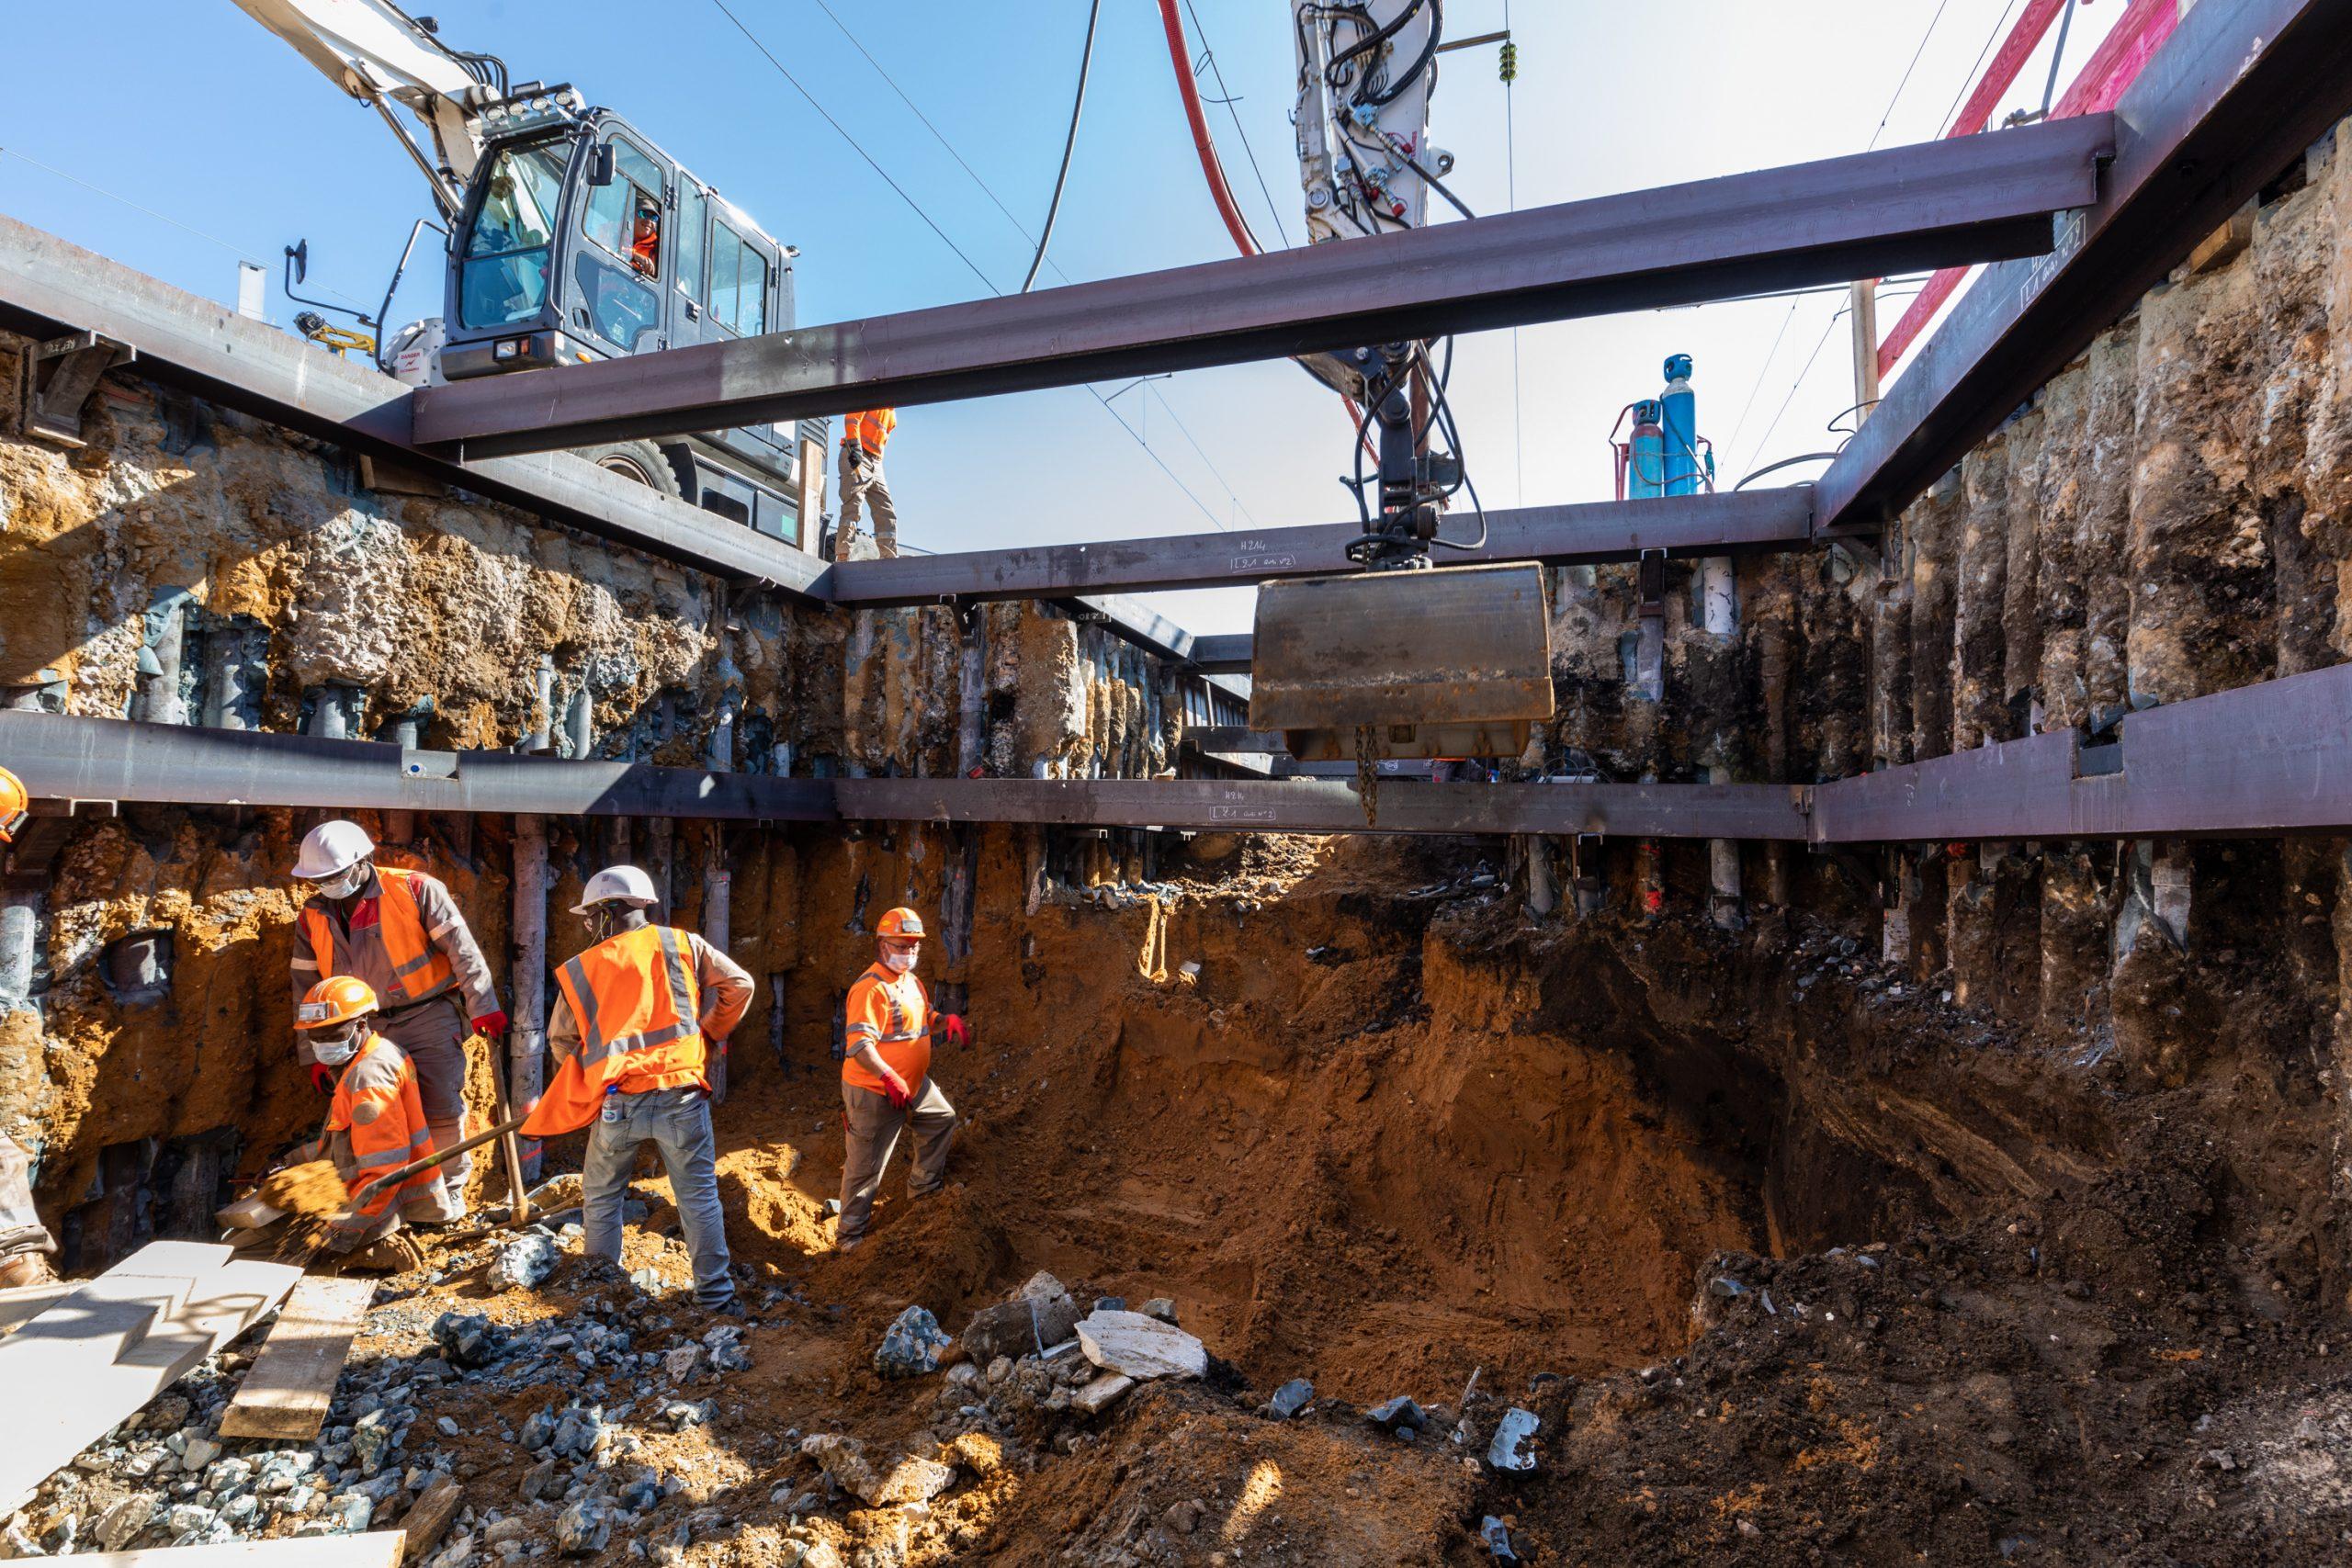 réalisation de la fosse d'ascenseur sur le quai gare des mureaux